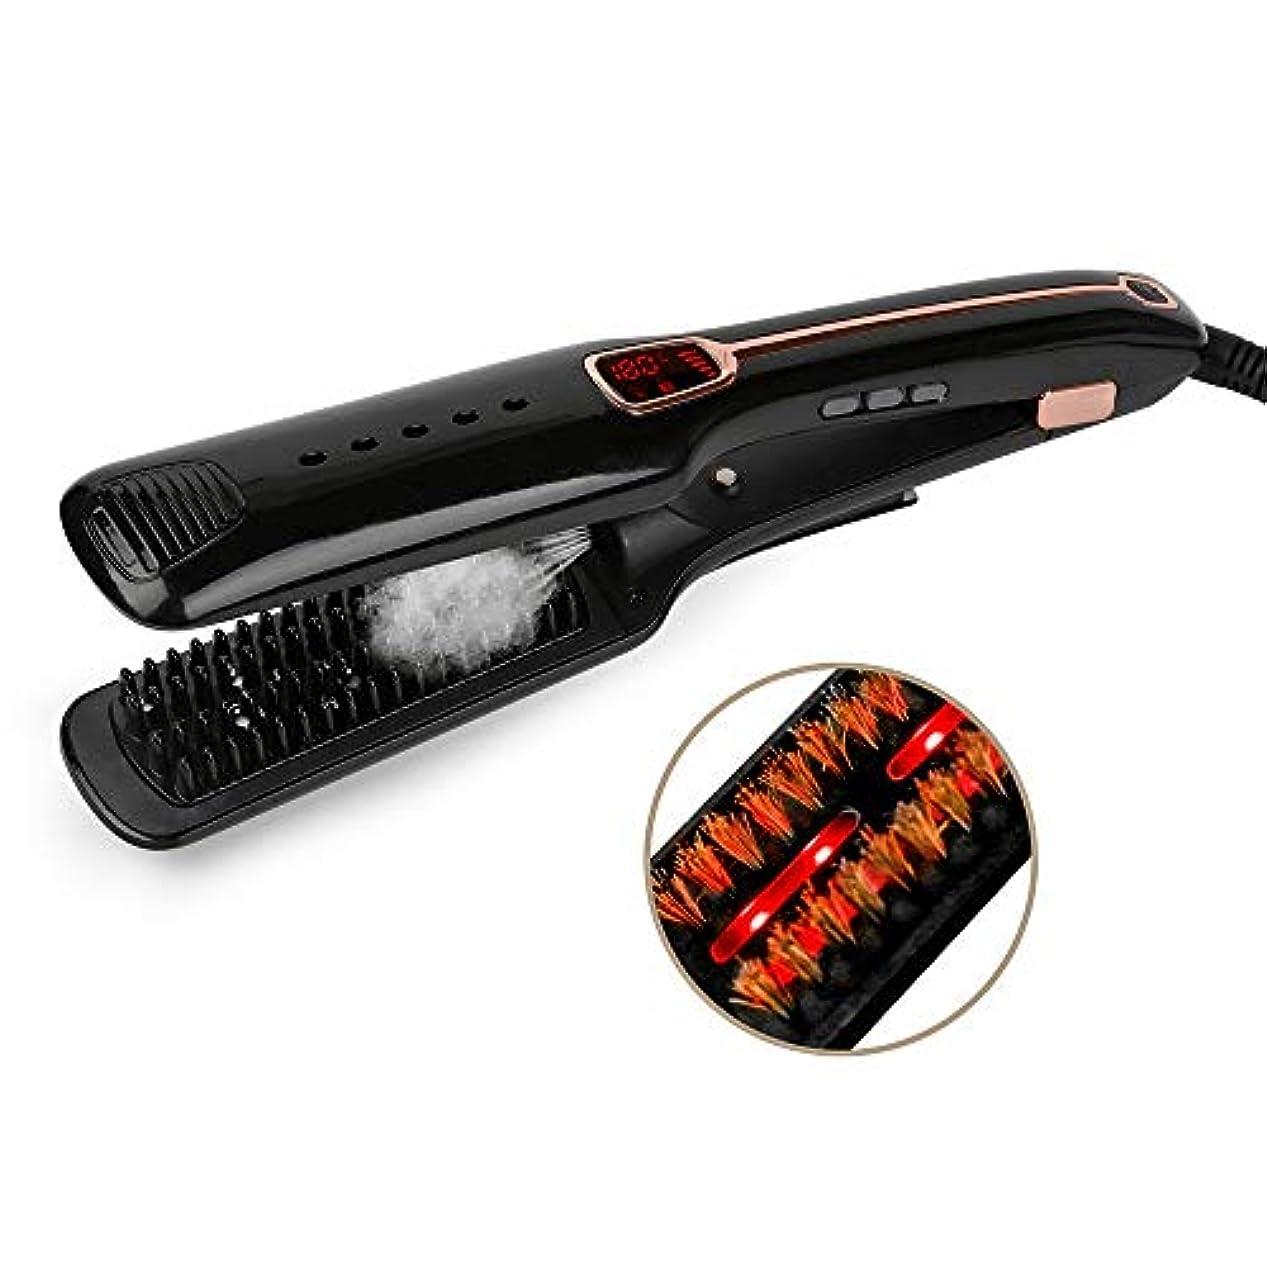 宅配便認める偽物ストレートヘアスティック LCDディスプレイデザインの赤外線スチームストレートナーポータブルホーム調節可能な温度ストレートヘアスティックは、ストレージと旅行に非常に適しています すべてのタイプの髪に適しています (色 : ブラック, サイズ : Free size)